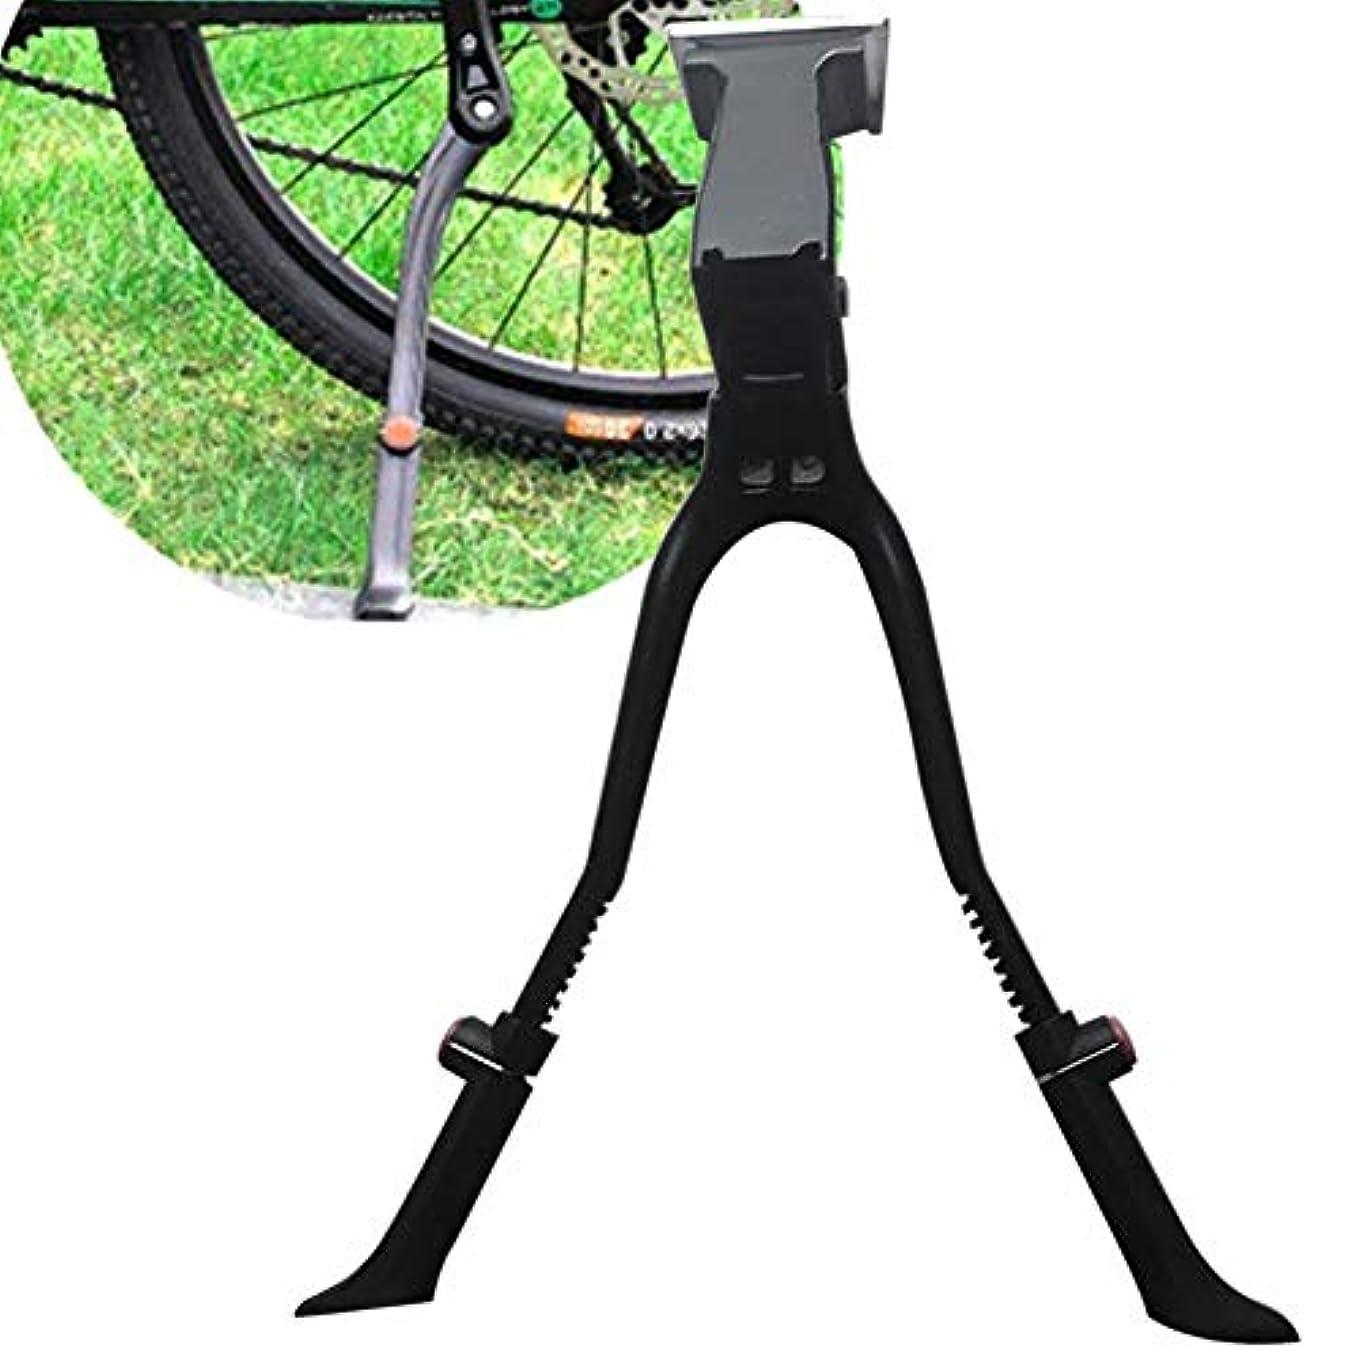 より平らな比べるハイランドセンターマウント ダブルレッグ 自転車キックスタンド 調節可能 自転車 MTB バイクフットスタンド クイック調整 サイクリング リアパーキングラック 自転車キックスタンド ほとんどの自転車に対応